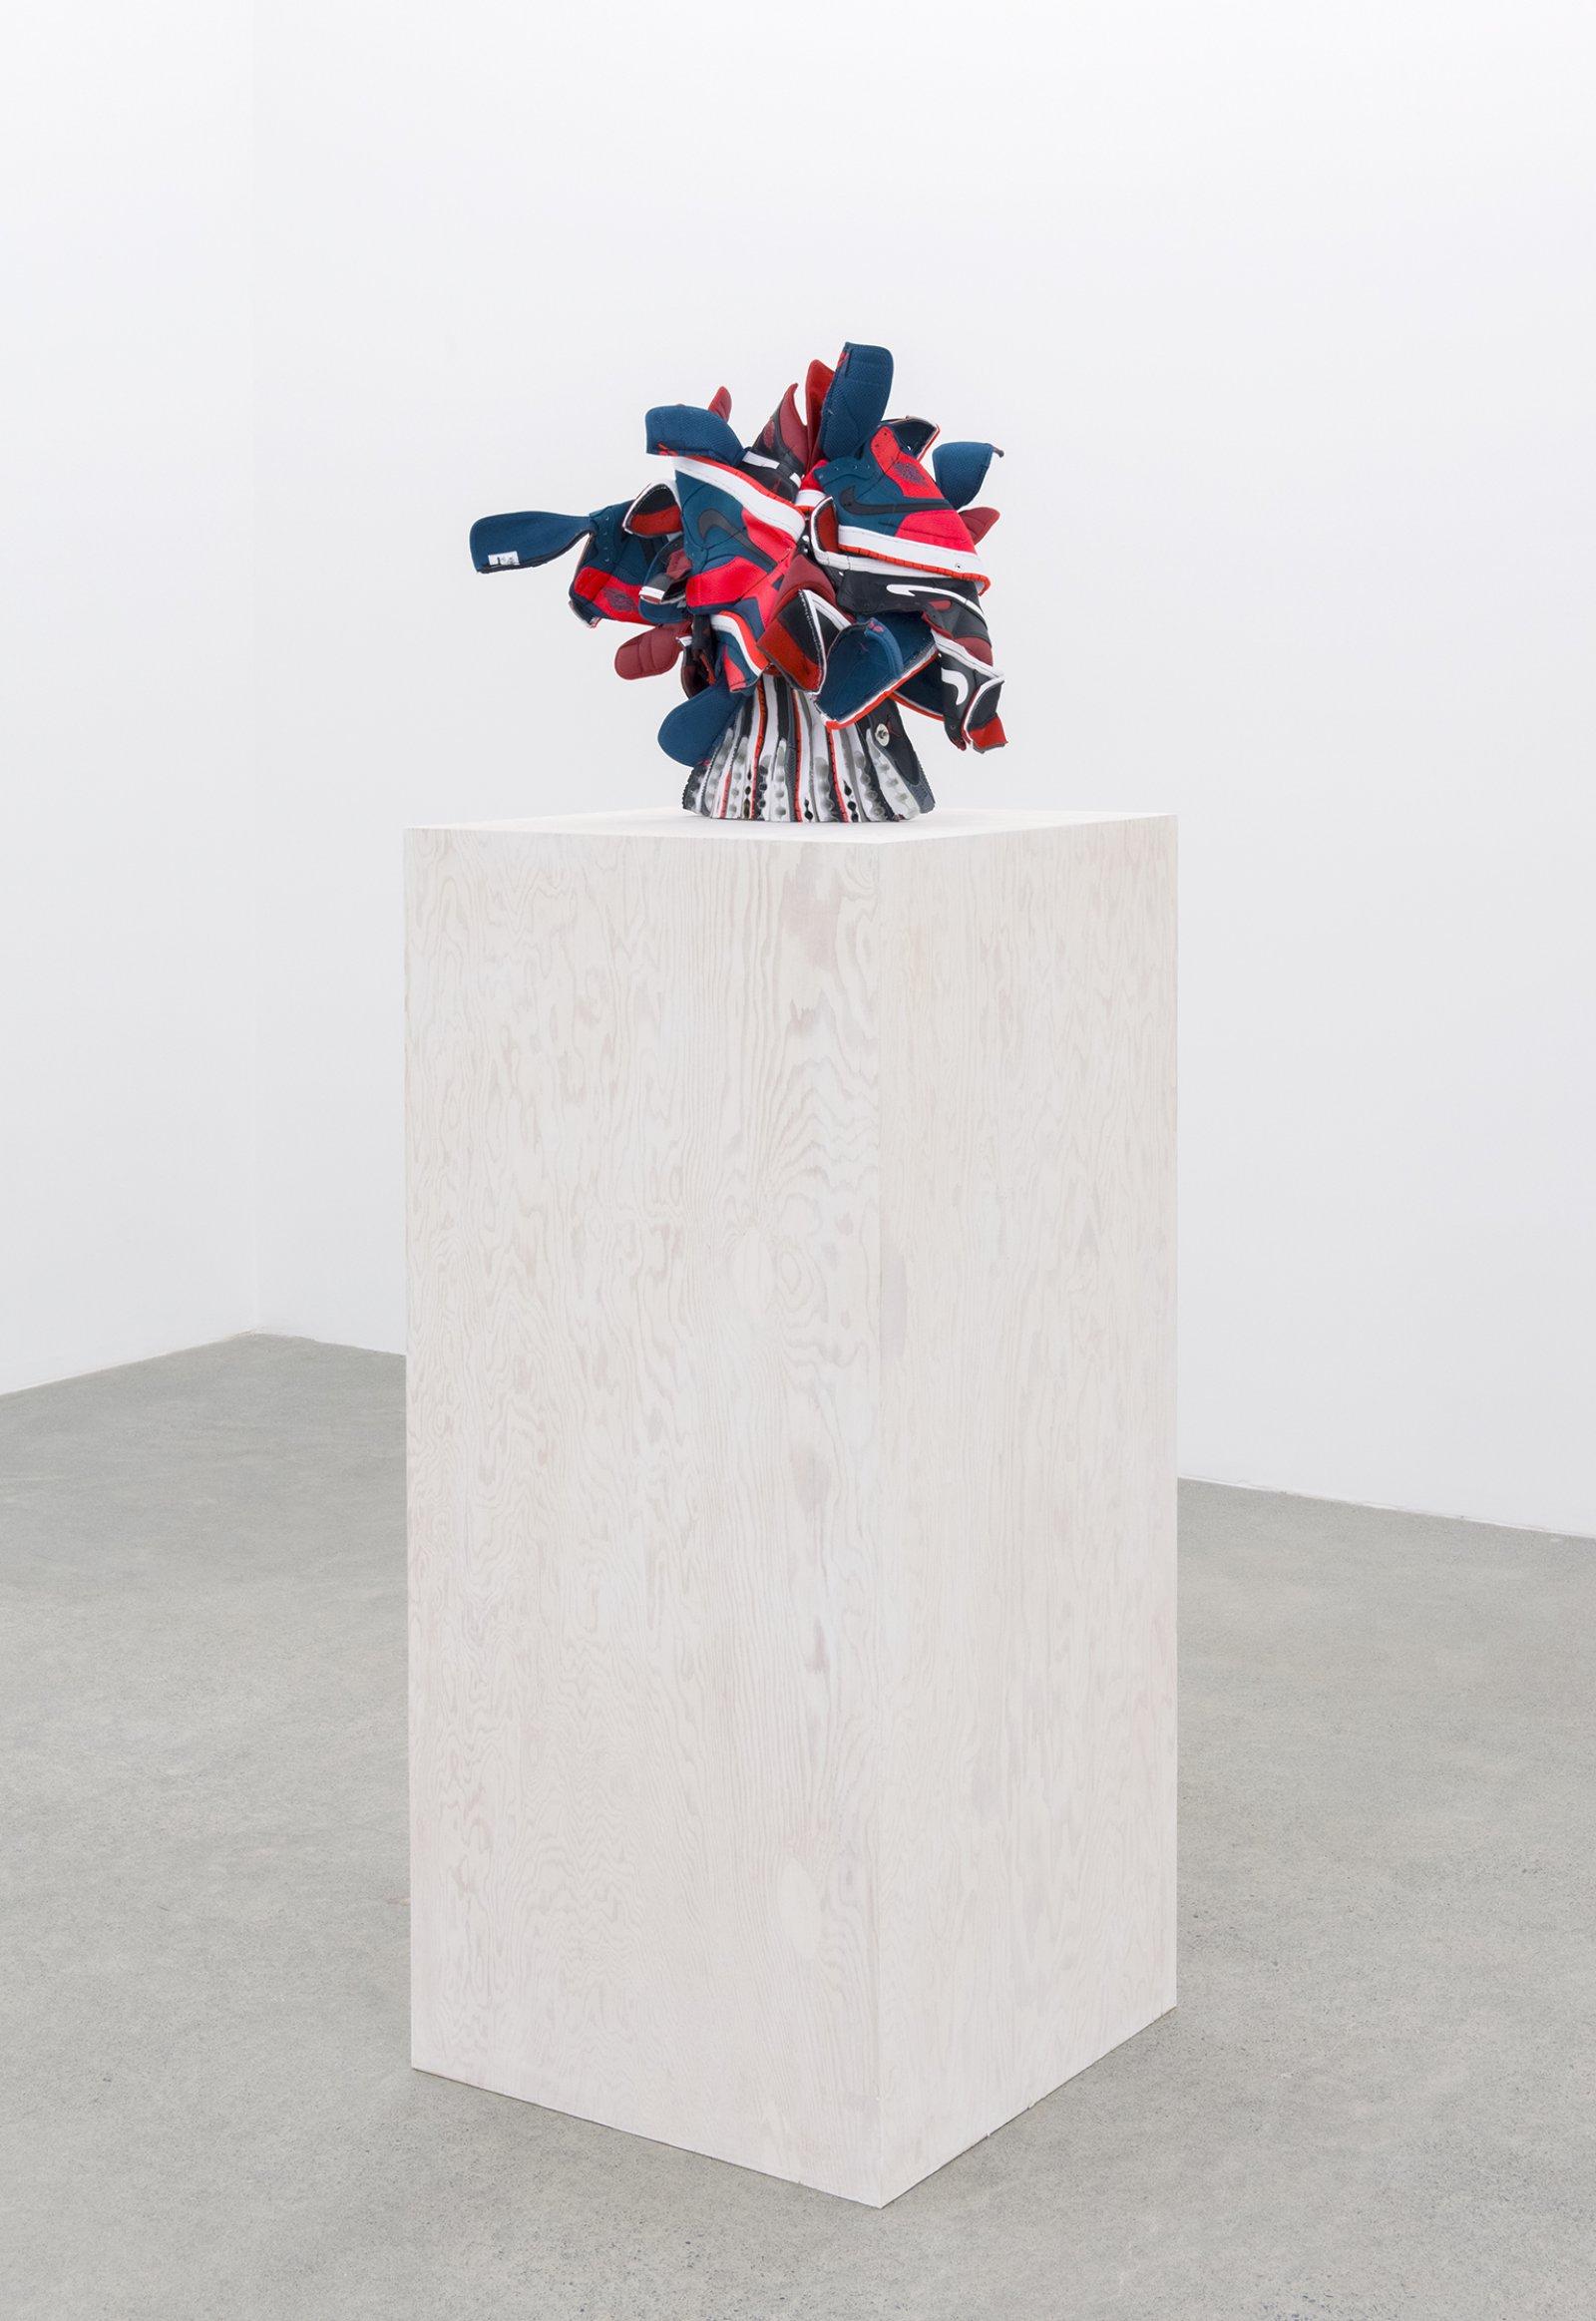 Brian Jungen, Broken Arrangement, 2015–2016, nike air jordans, painted fir plywood, stainless steel, 75 x 24 x 24 in. (191 x 61 x 61 cm) by Brian Jungen